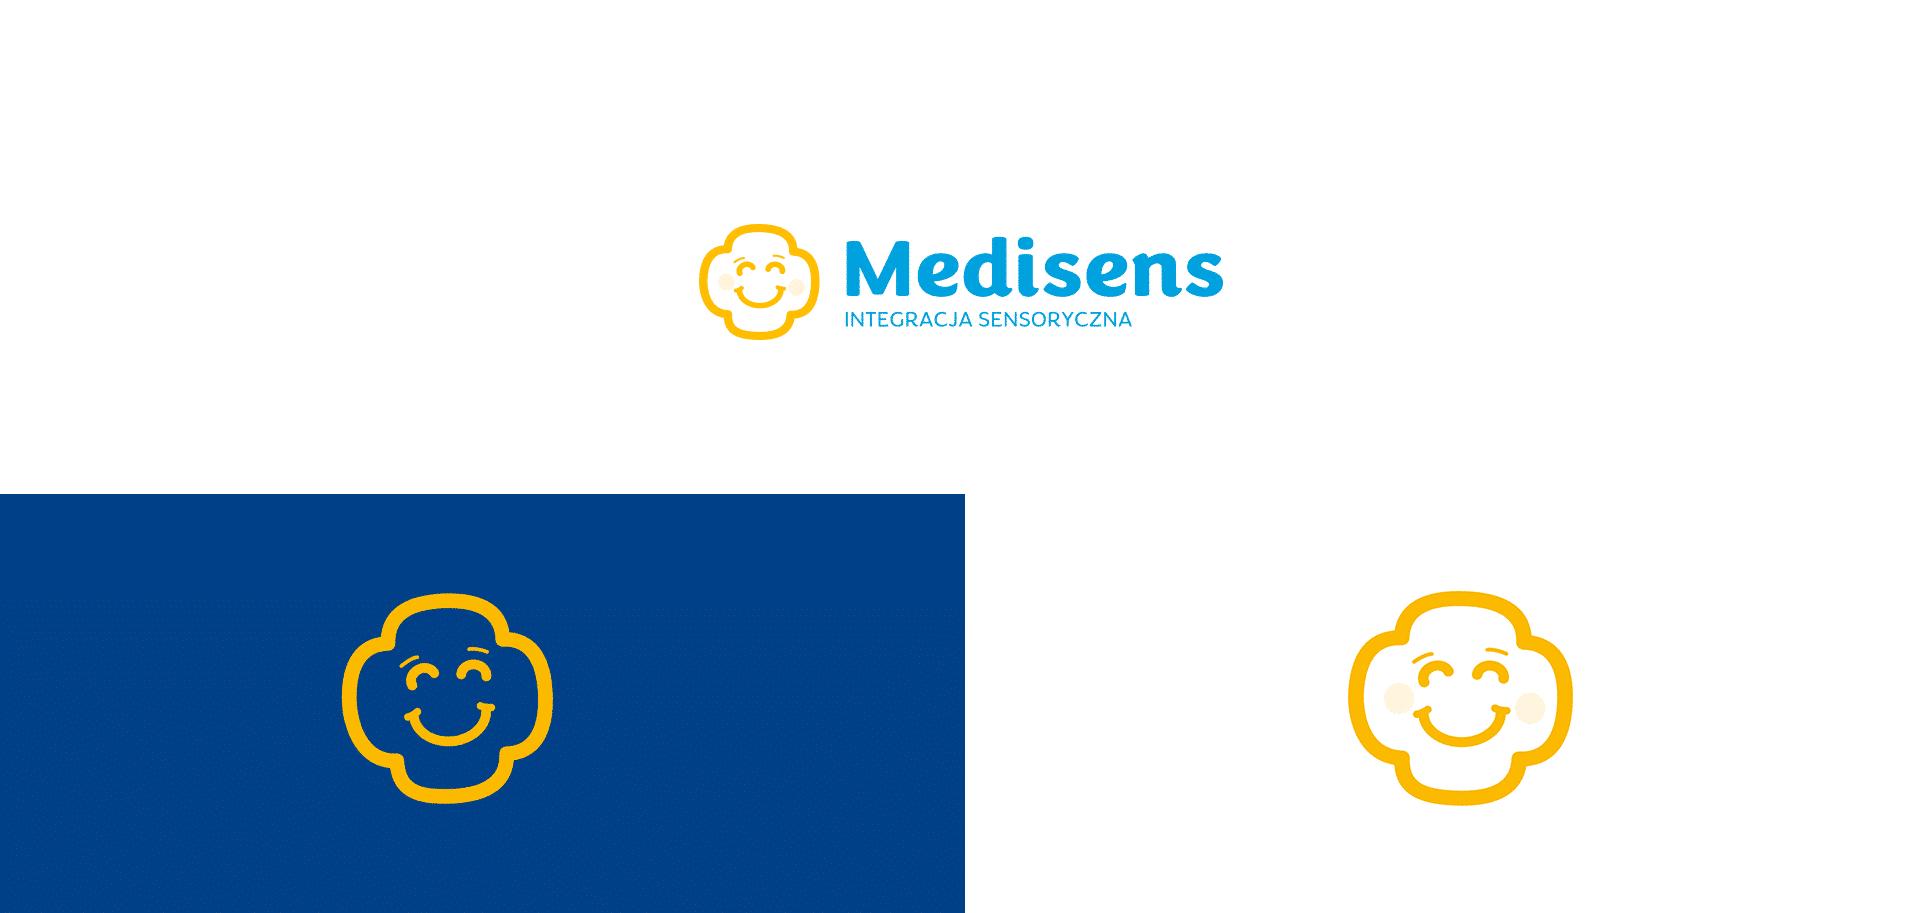 logo medisens identyfikacja wizualna